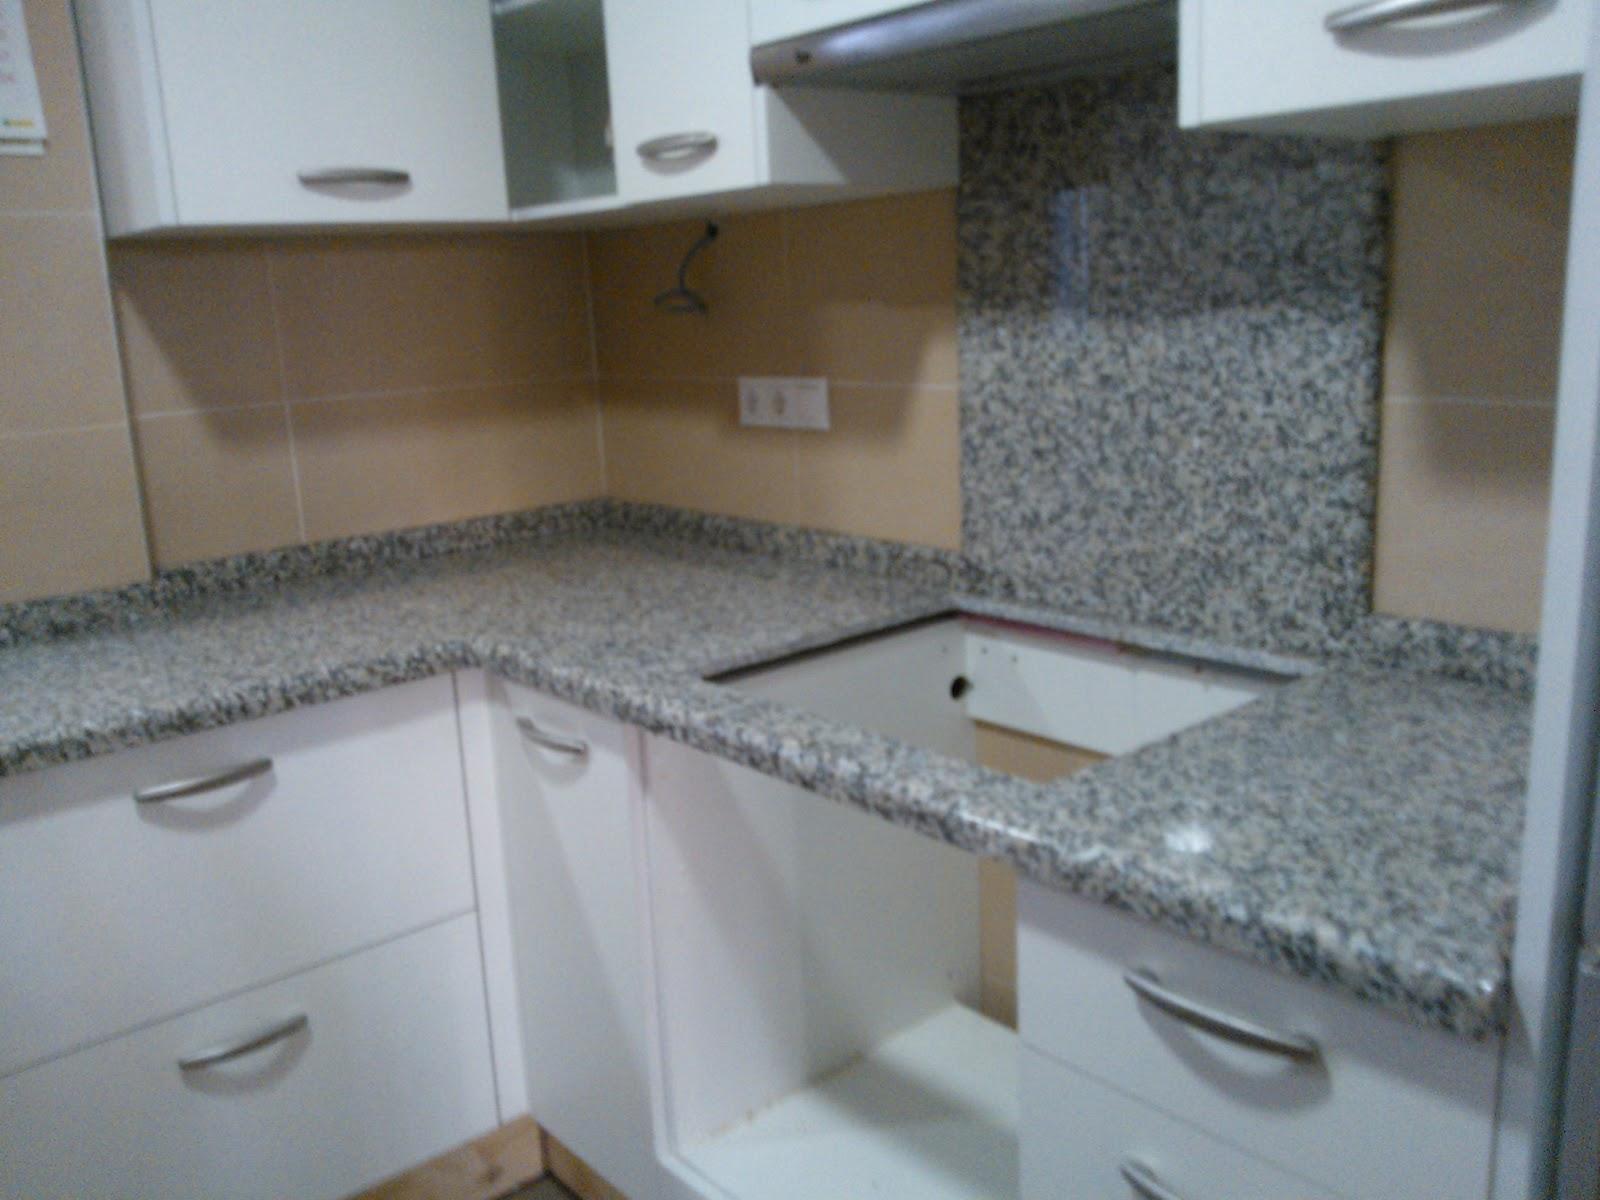 Marmoles vedat s l u encimera granito nacional mondariz for Colores marmoles cocina